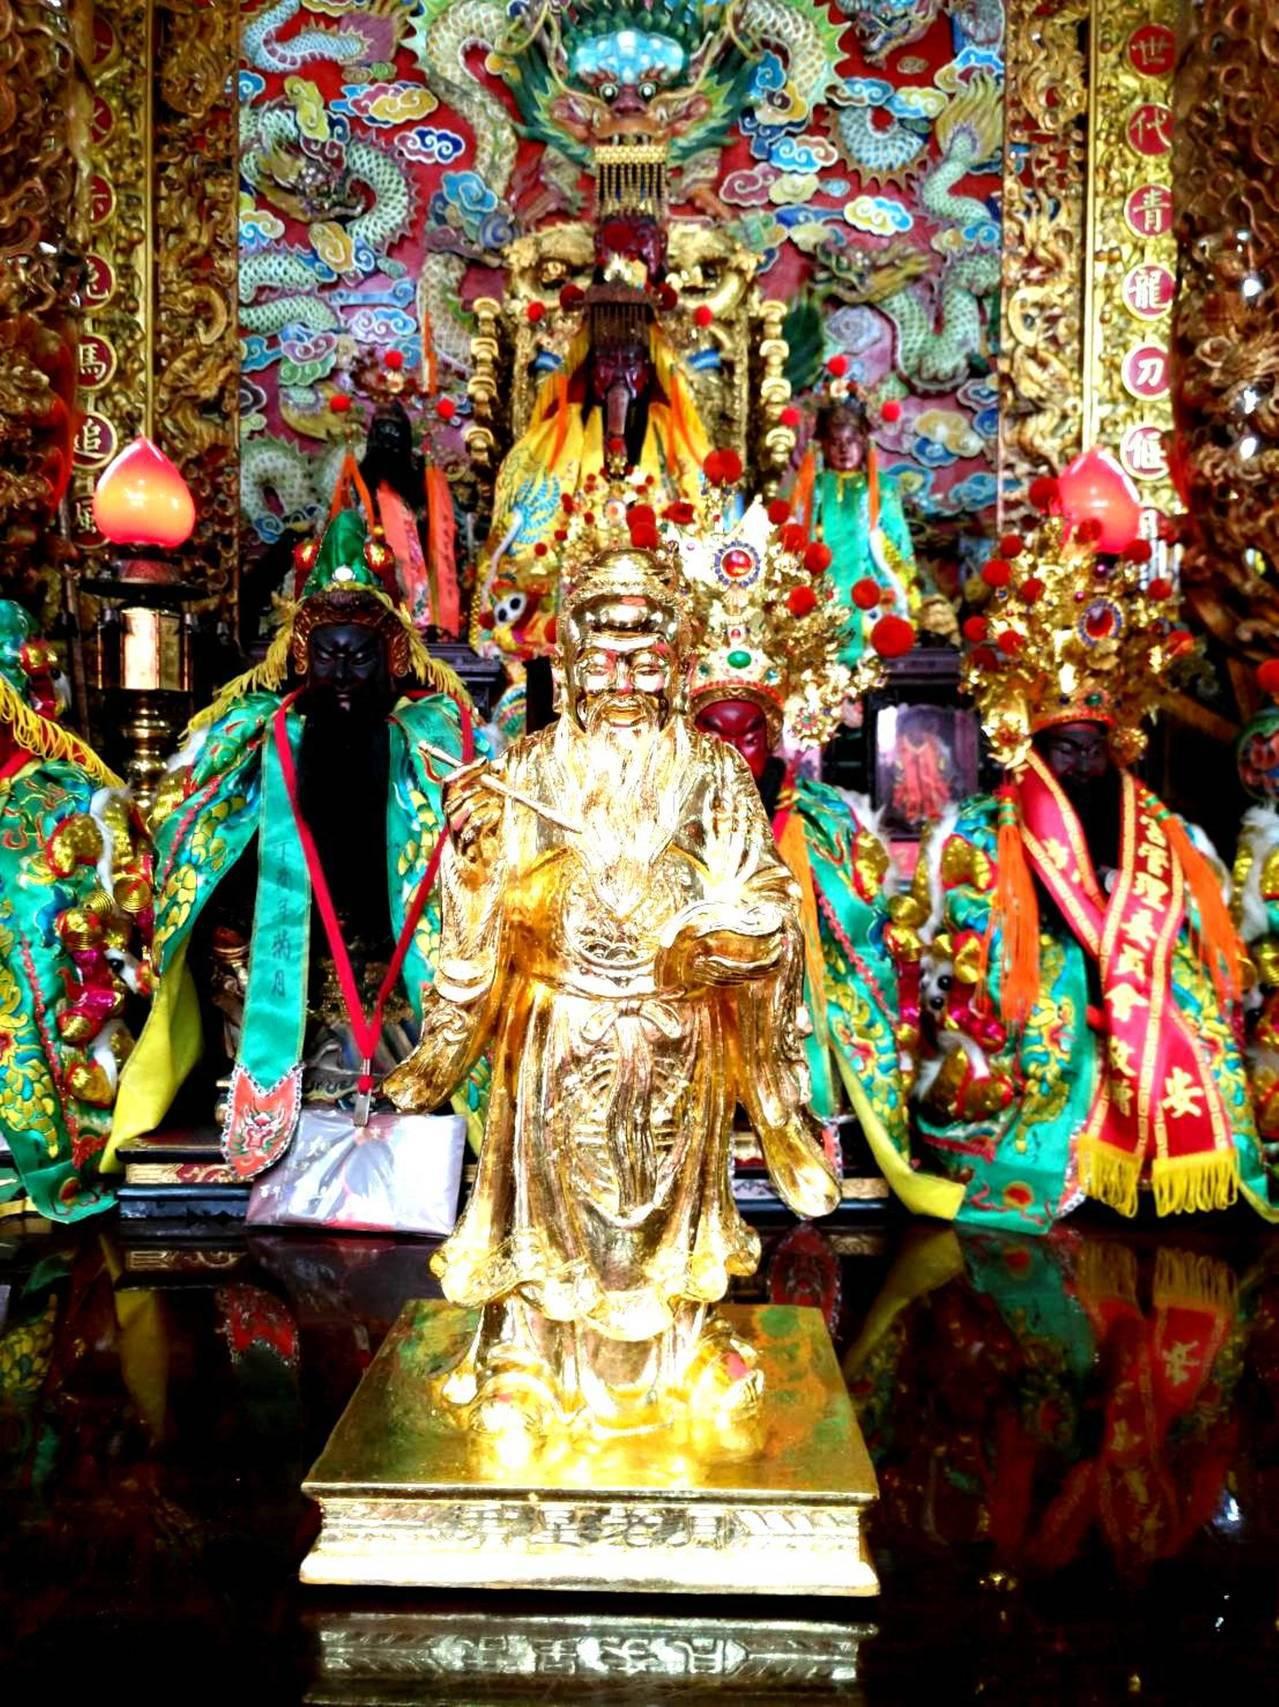 竹山克明宮作為地方的重要廟宇,為了幫助信眾早日尋得姻緣,也請回一尊月老奉祀在廟內...